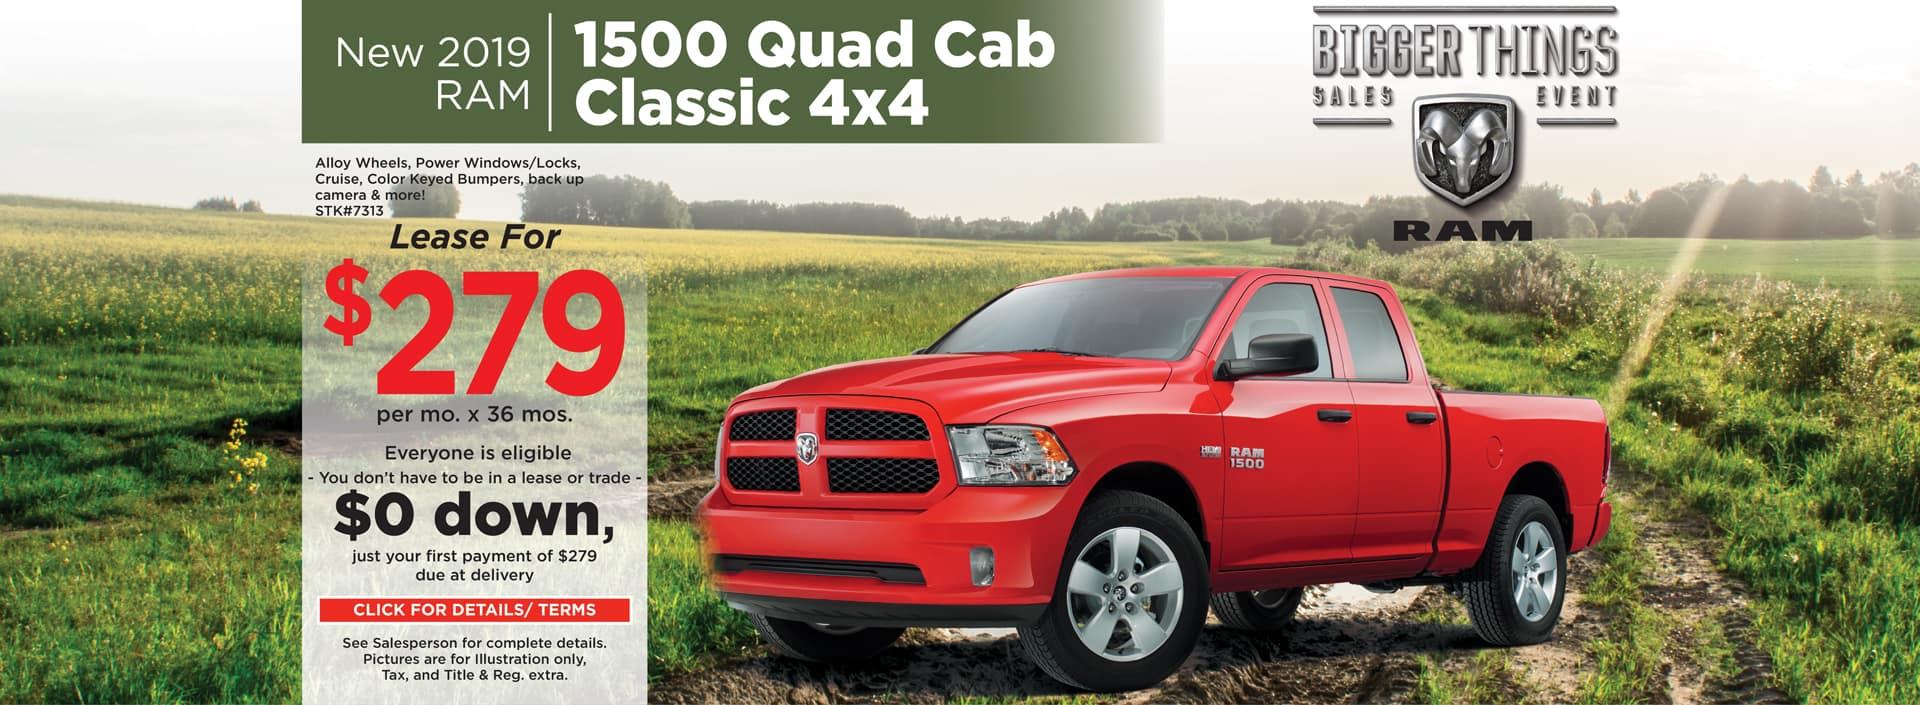 2019 RAM 1500 Quad Cab